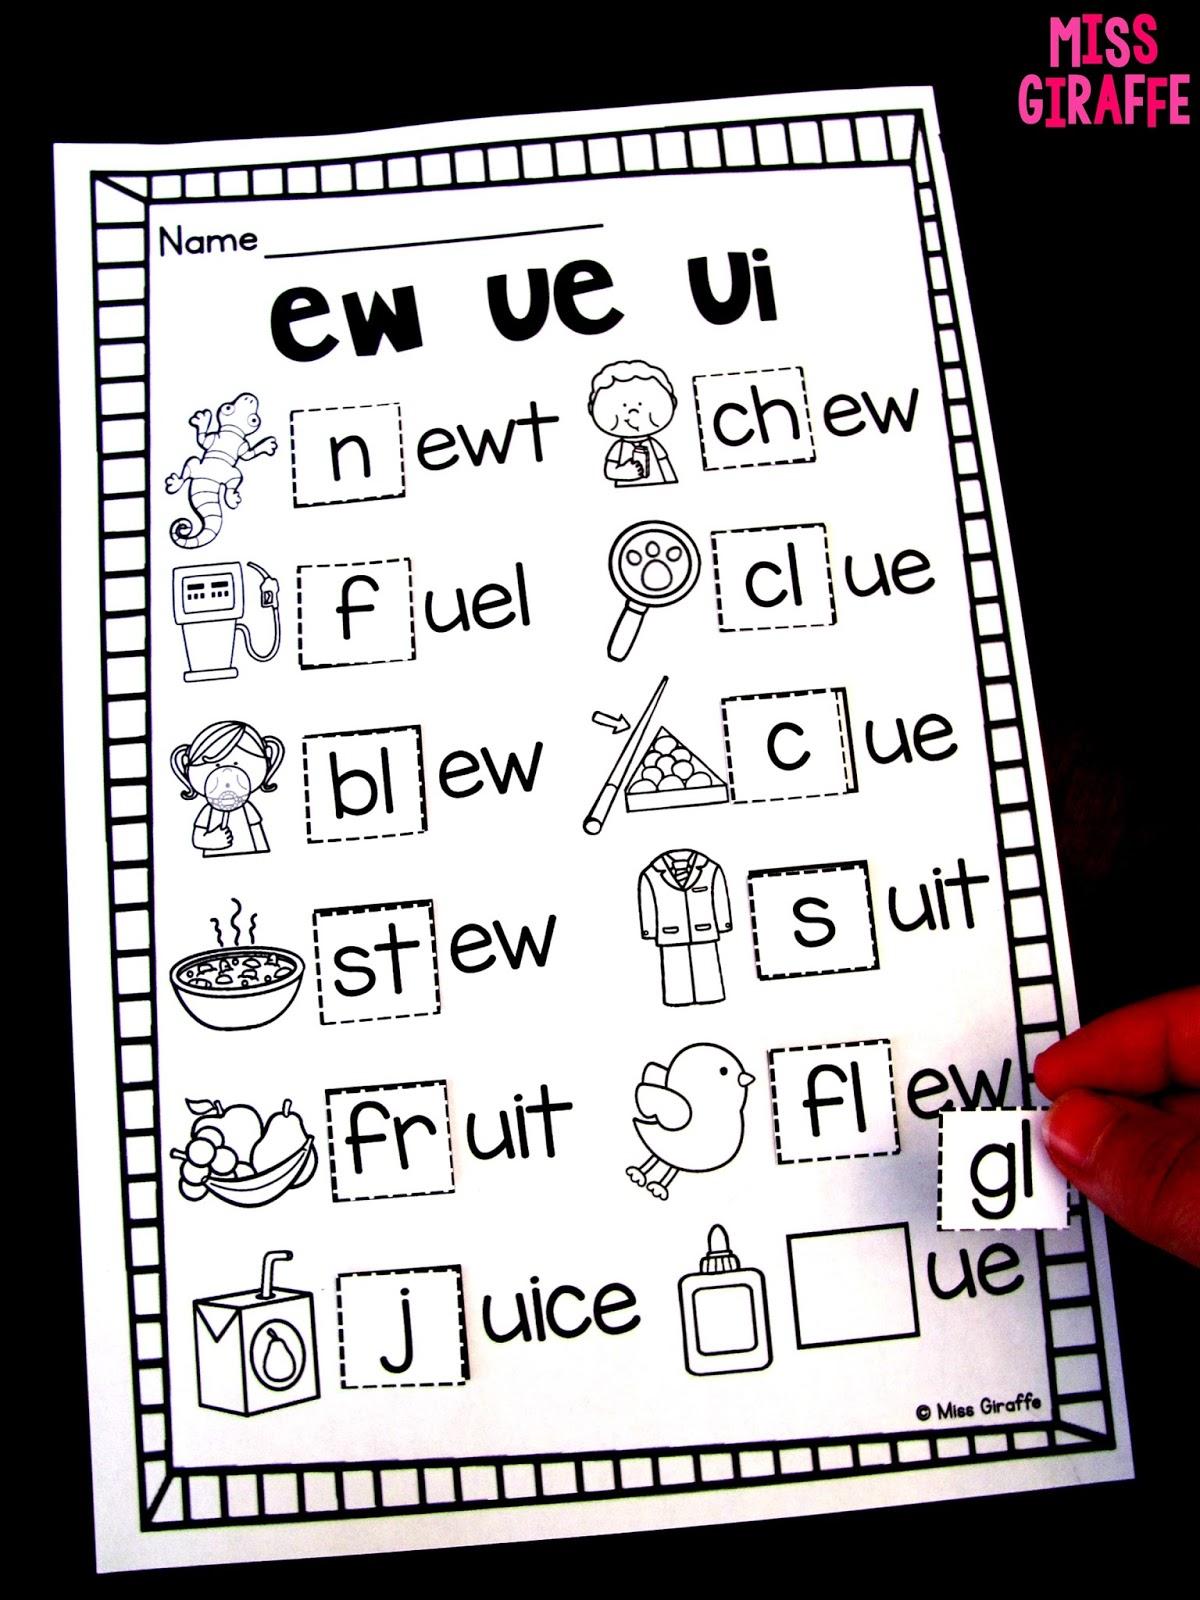 hight resolution of Miss Giraffe's Class: EW UE UI Activities